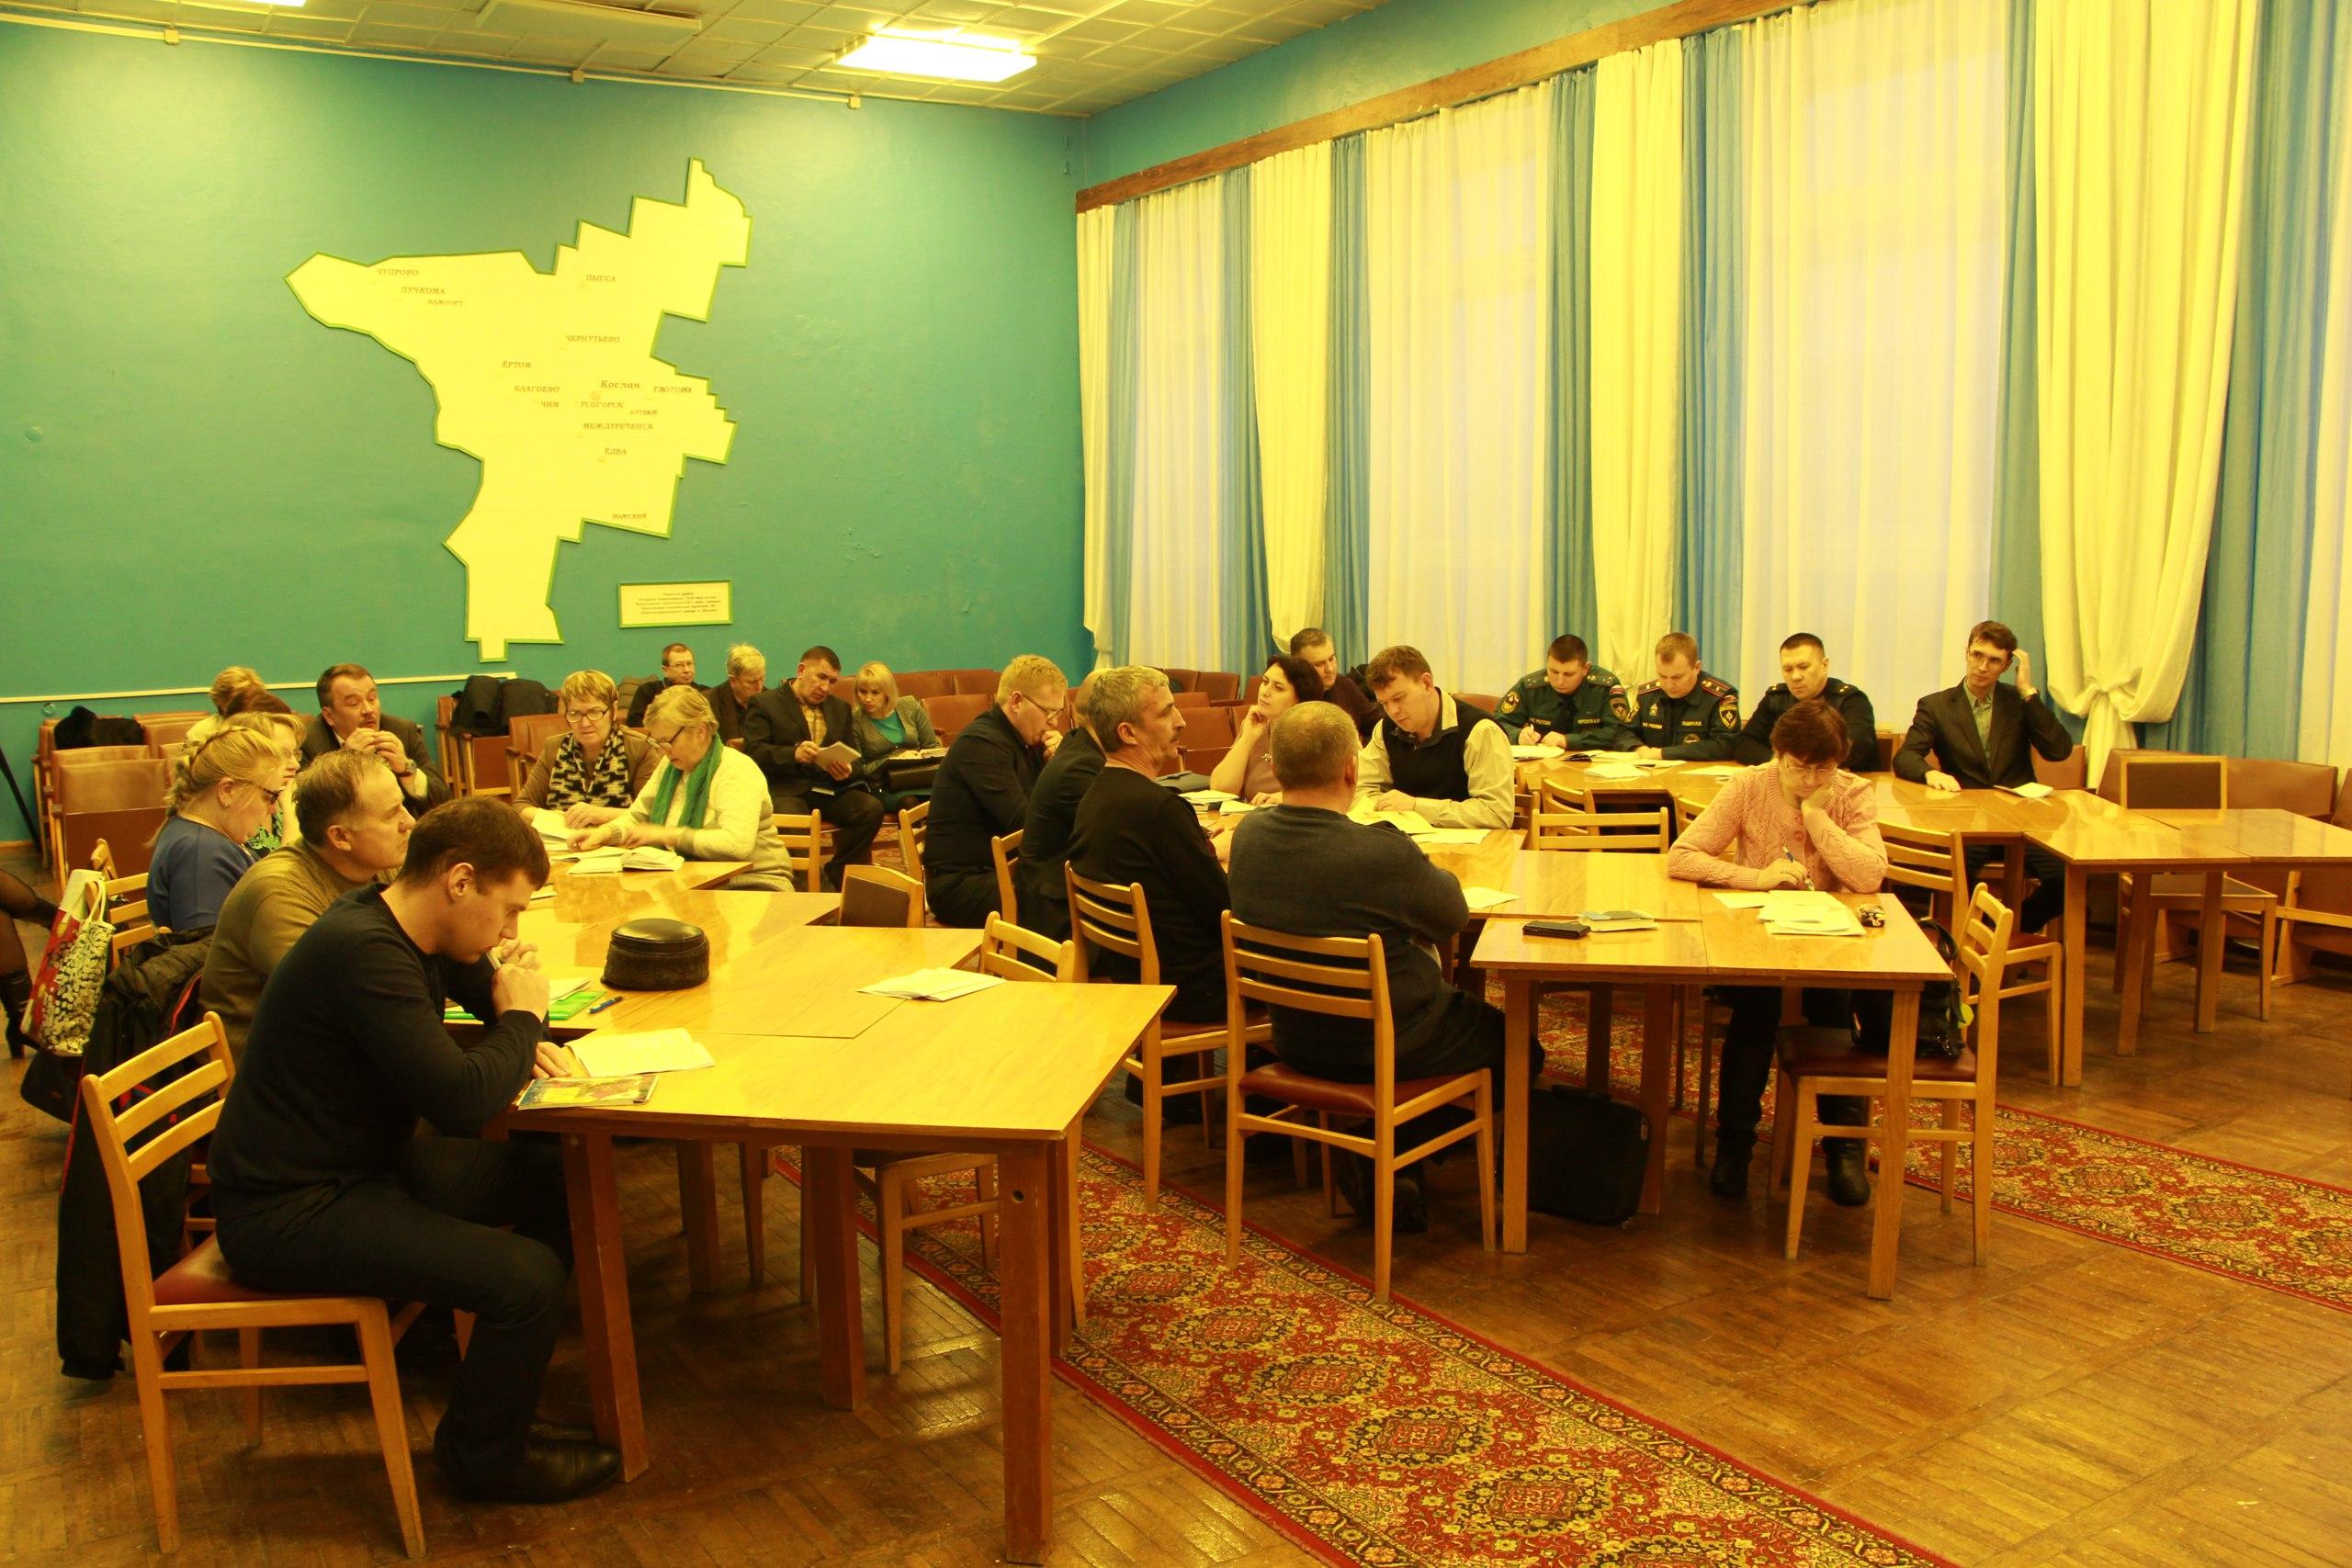 Расширенное заседание комиссии по предупреждению и ликвидации чрезвычайных ситуаций и обеспечению пожарной безопасности. Удорский район